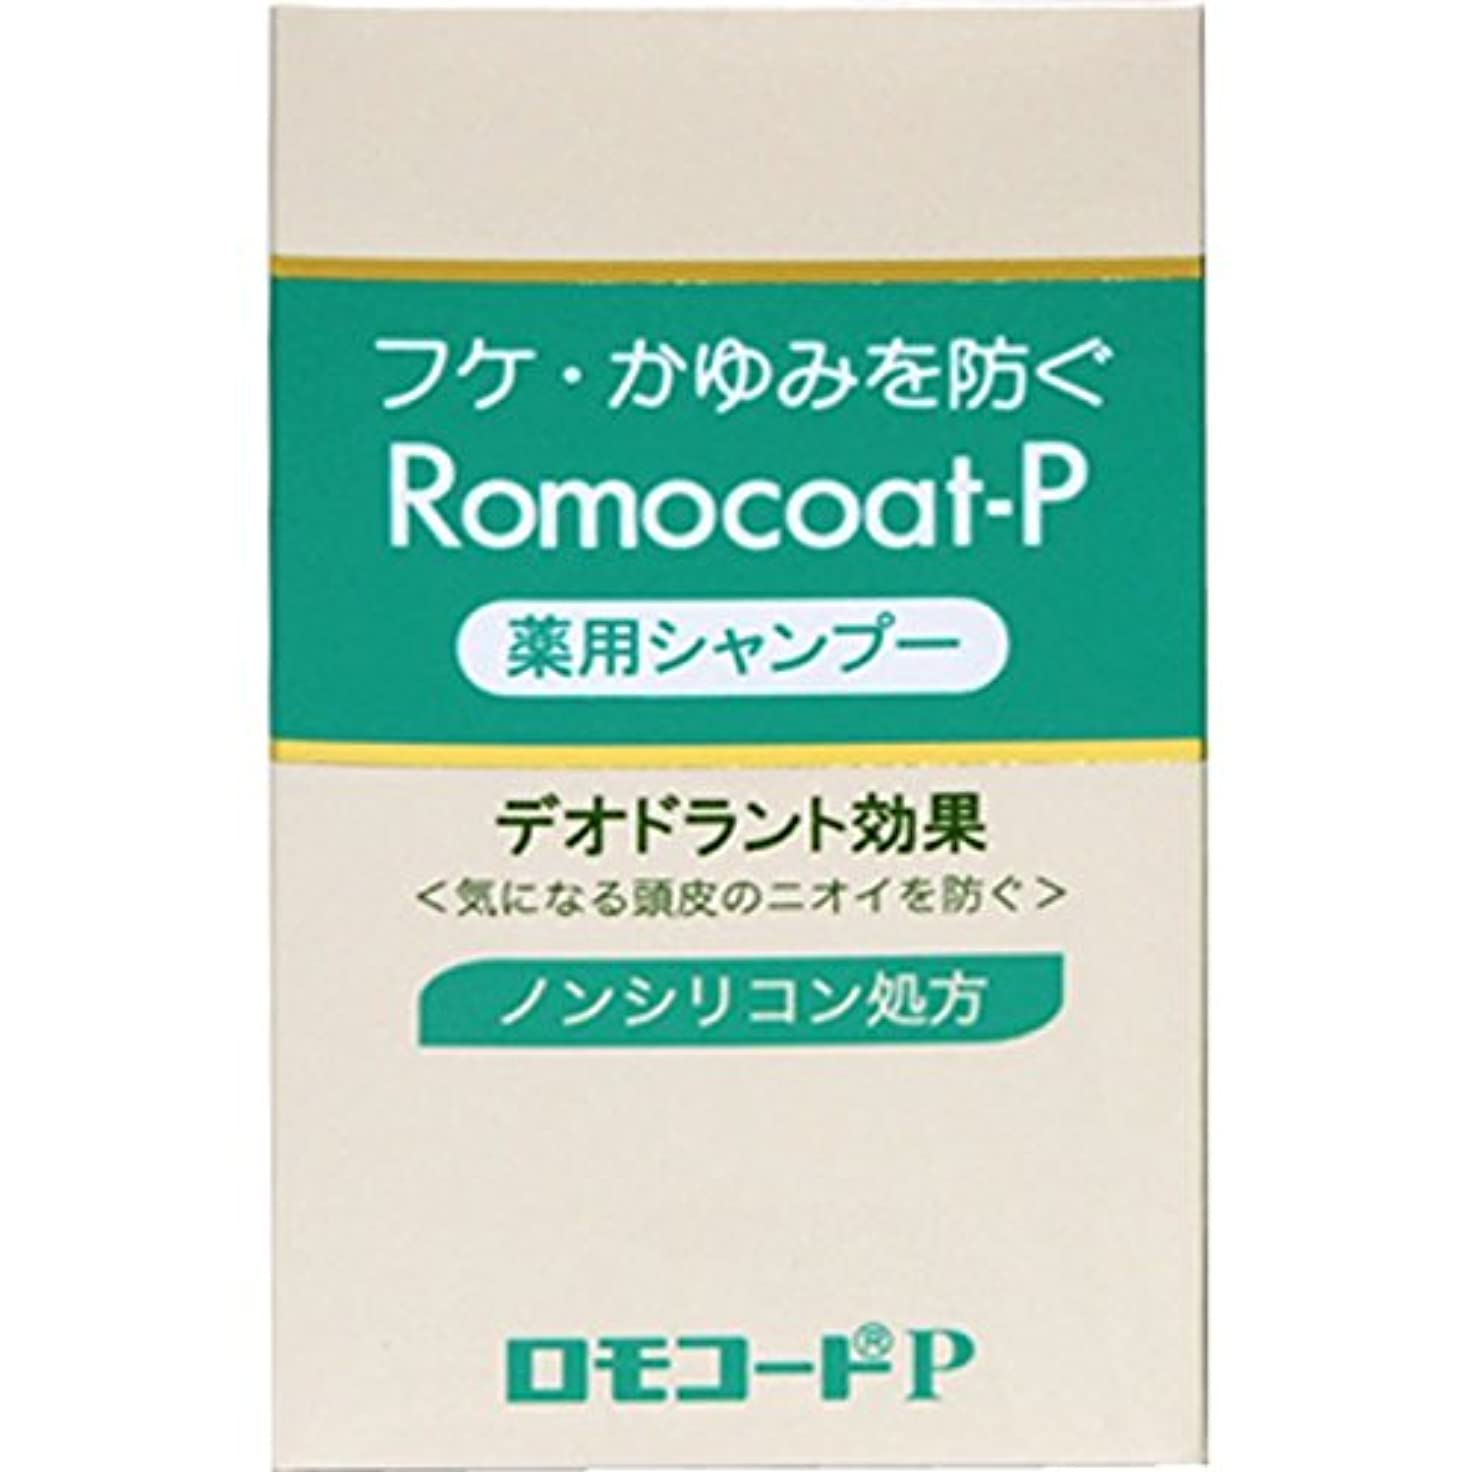 パンチピカソ刈る全薬工業 ロモコートP 180ml (医薬部外品)